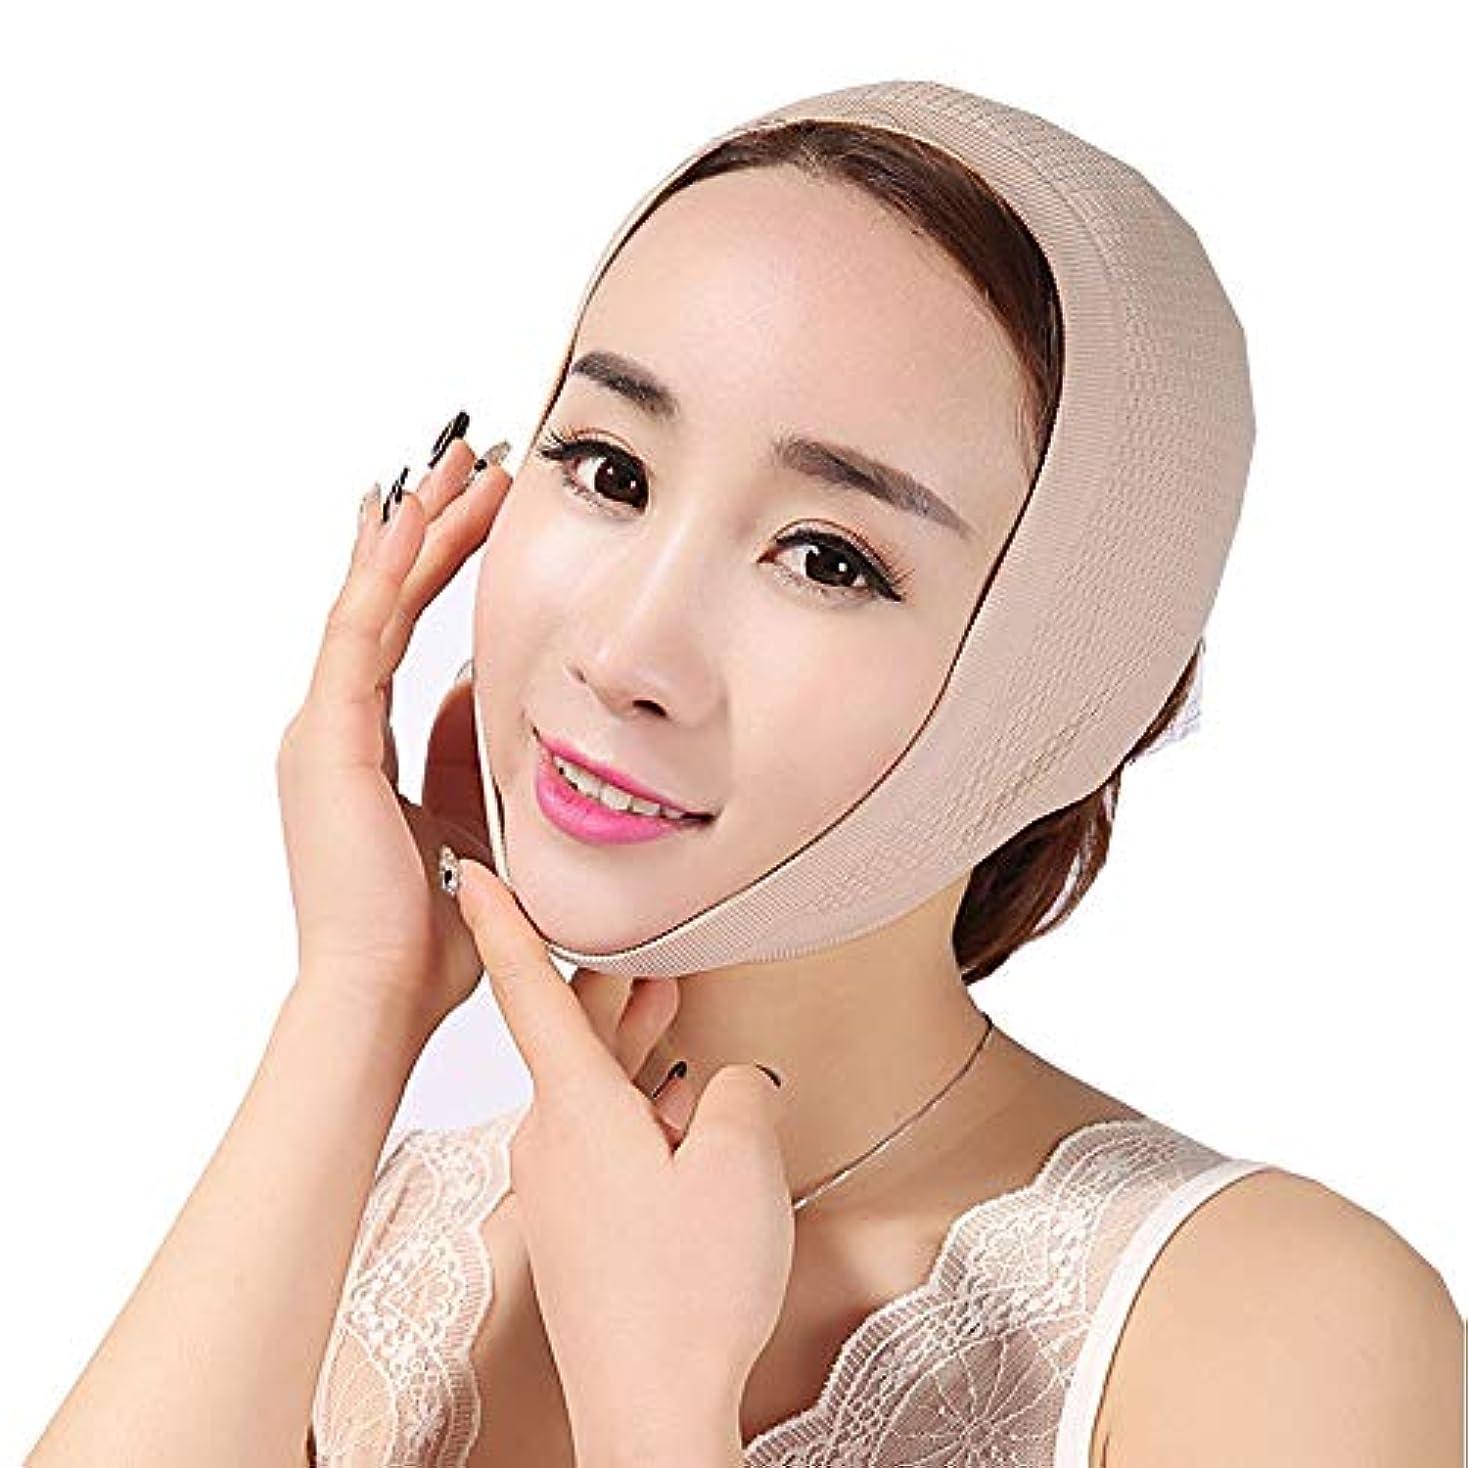 一傑作わなフェイスマスクで眠る薄い顔フェイスリフトフェイスリフトアーティファクトスモールフェイスVフェイスリフト付きフェイスフェイス包帯引き上げジョーセット